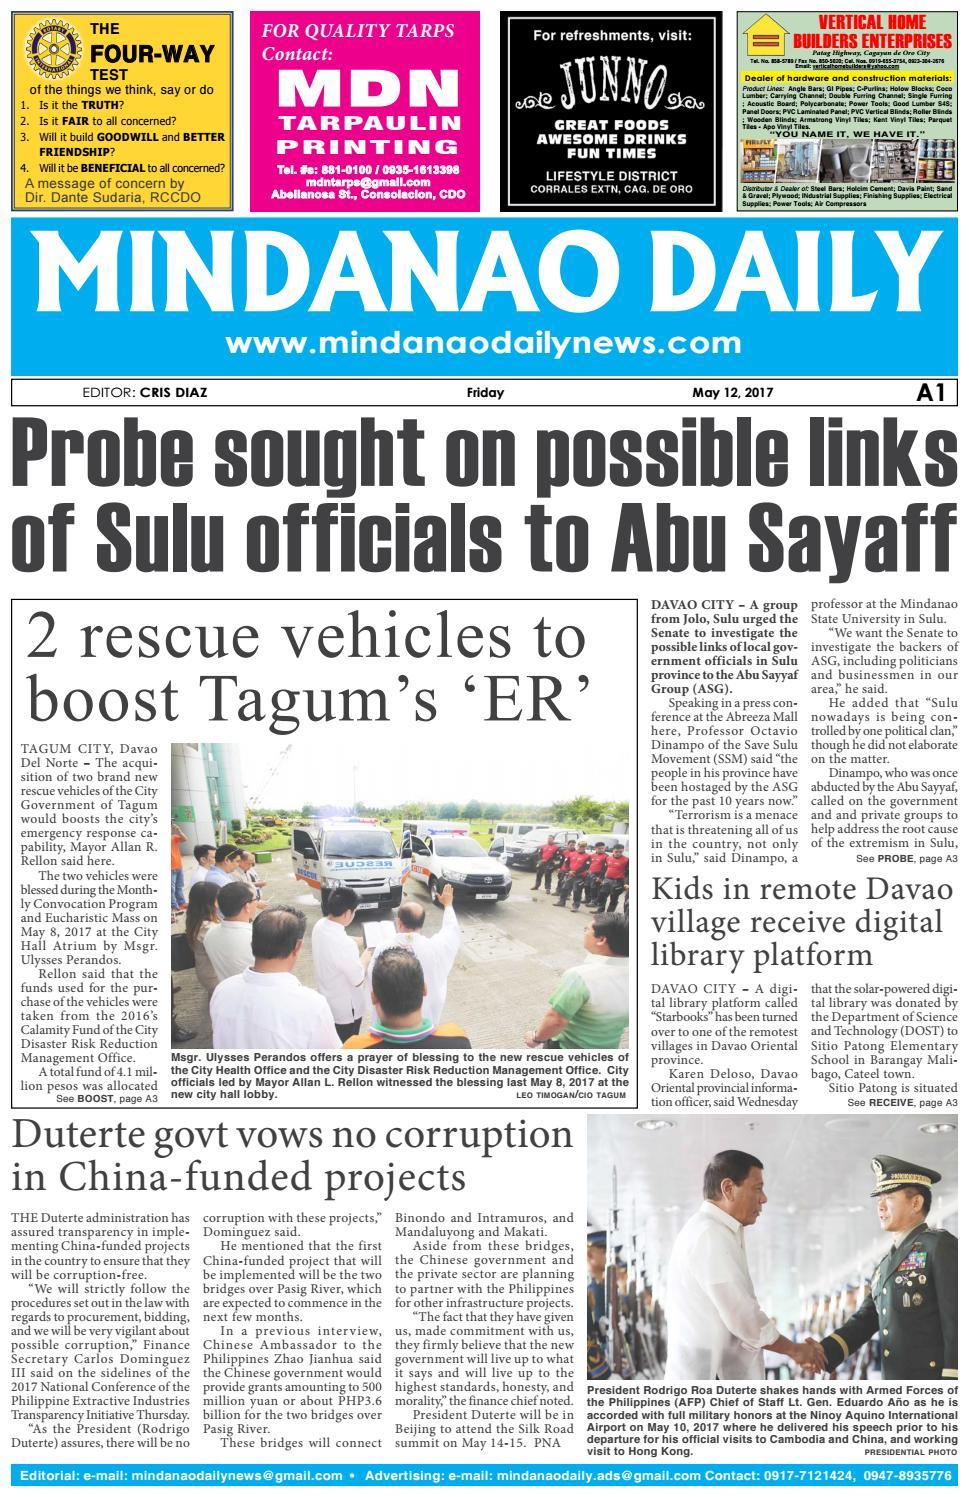 Mindanao Daily Set B (May 12, 2017) by Mindanao Daily News